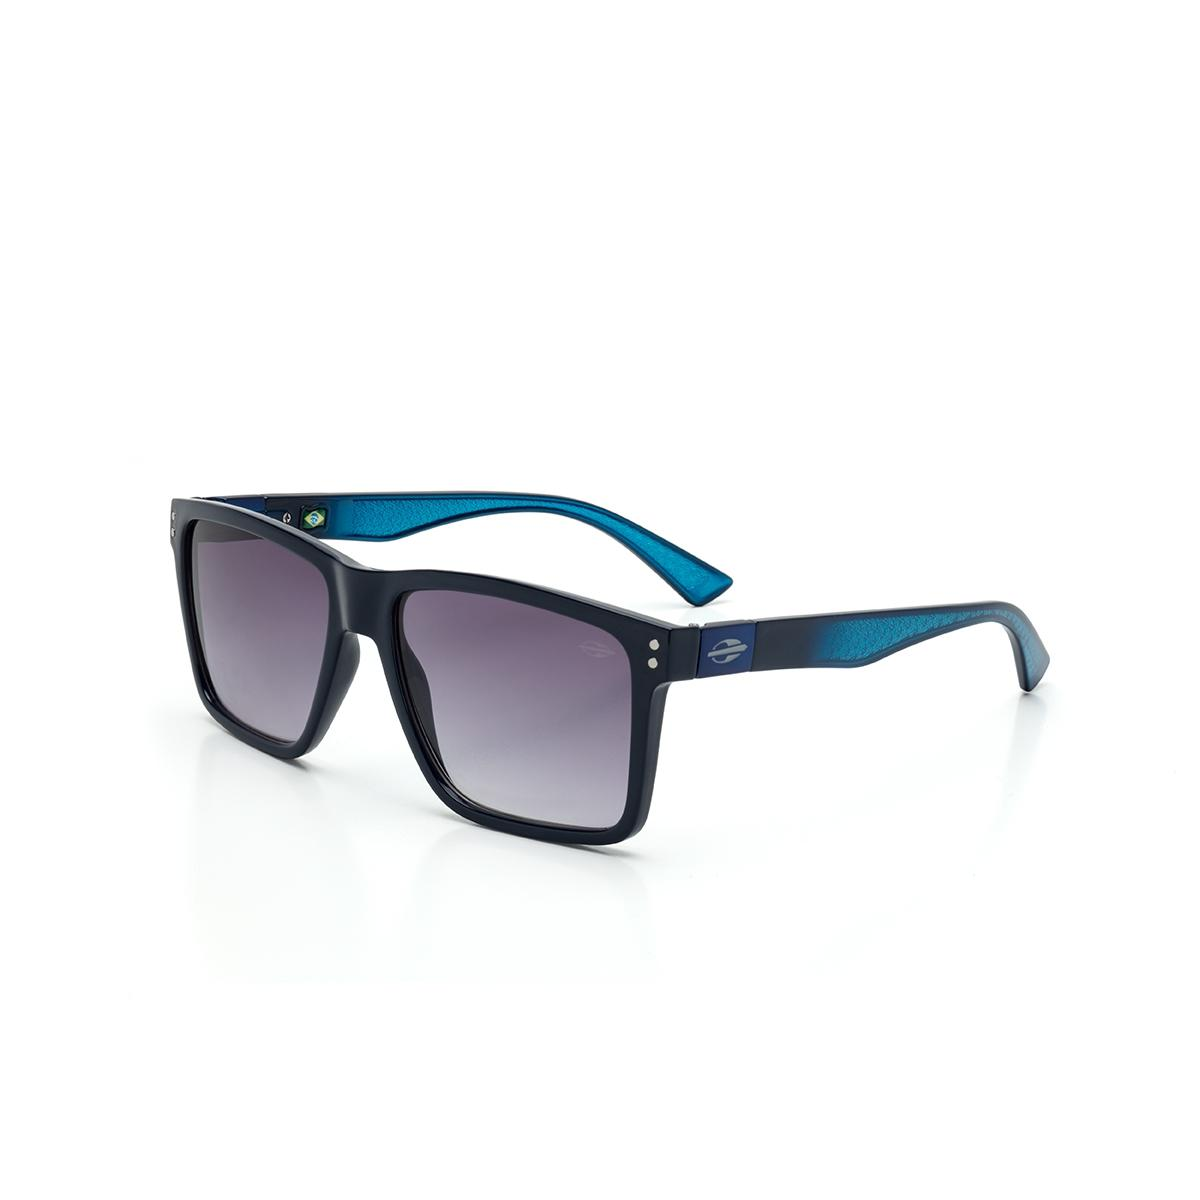 Óculos de Sol Mormaii CAIRO M0075 K97 33 Azul Lente Cinza Degradê Tam 54 R   279,99 à vista. Adicionar à sacola 7ba5fc2586